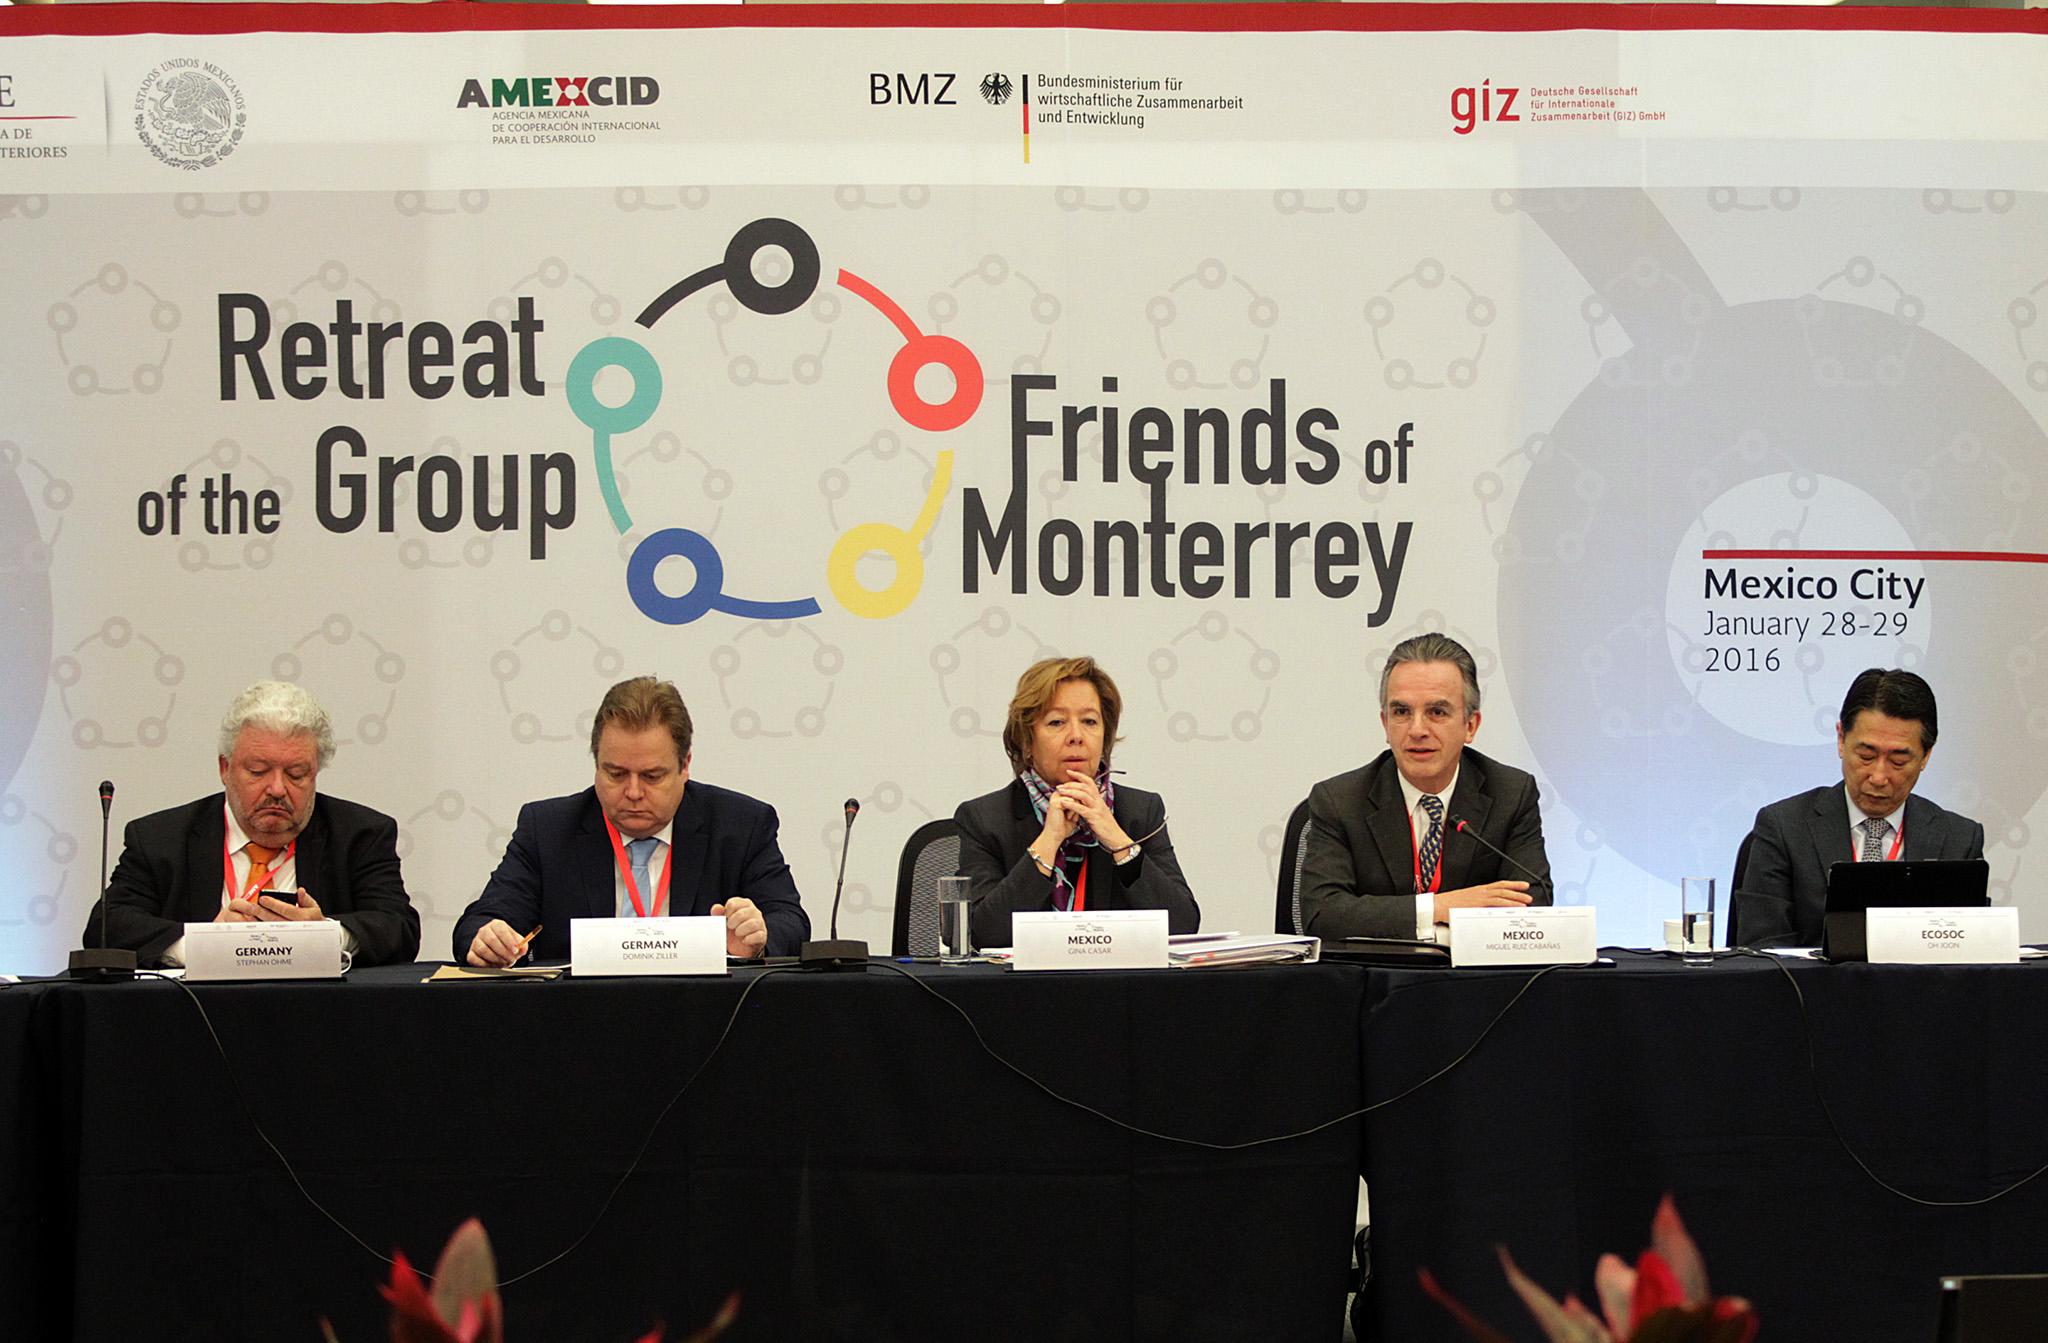 María Eugenia Casar Pérez, Directora de la AMEXCID, y el Embajador Miguel Ruiz Cabañas, en la reunión Amigos de Monterrey